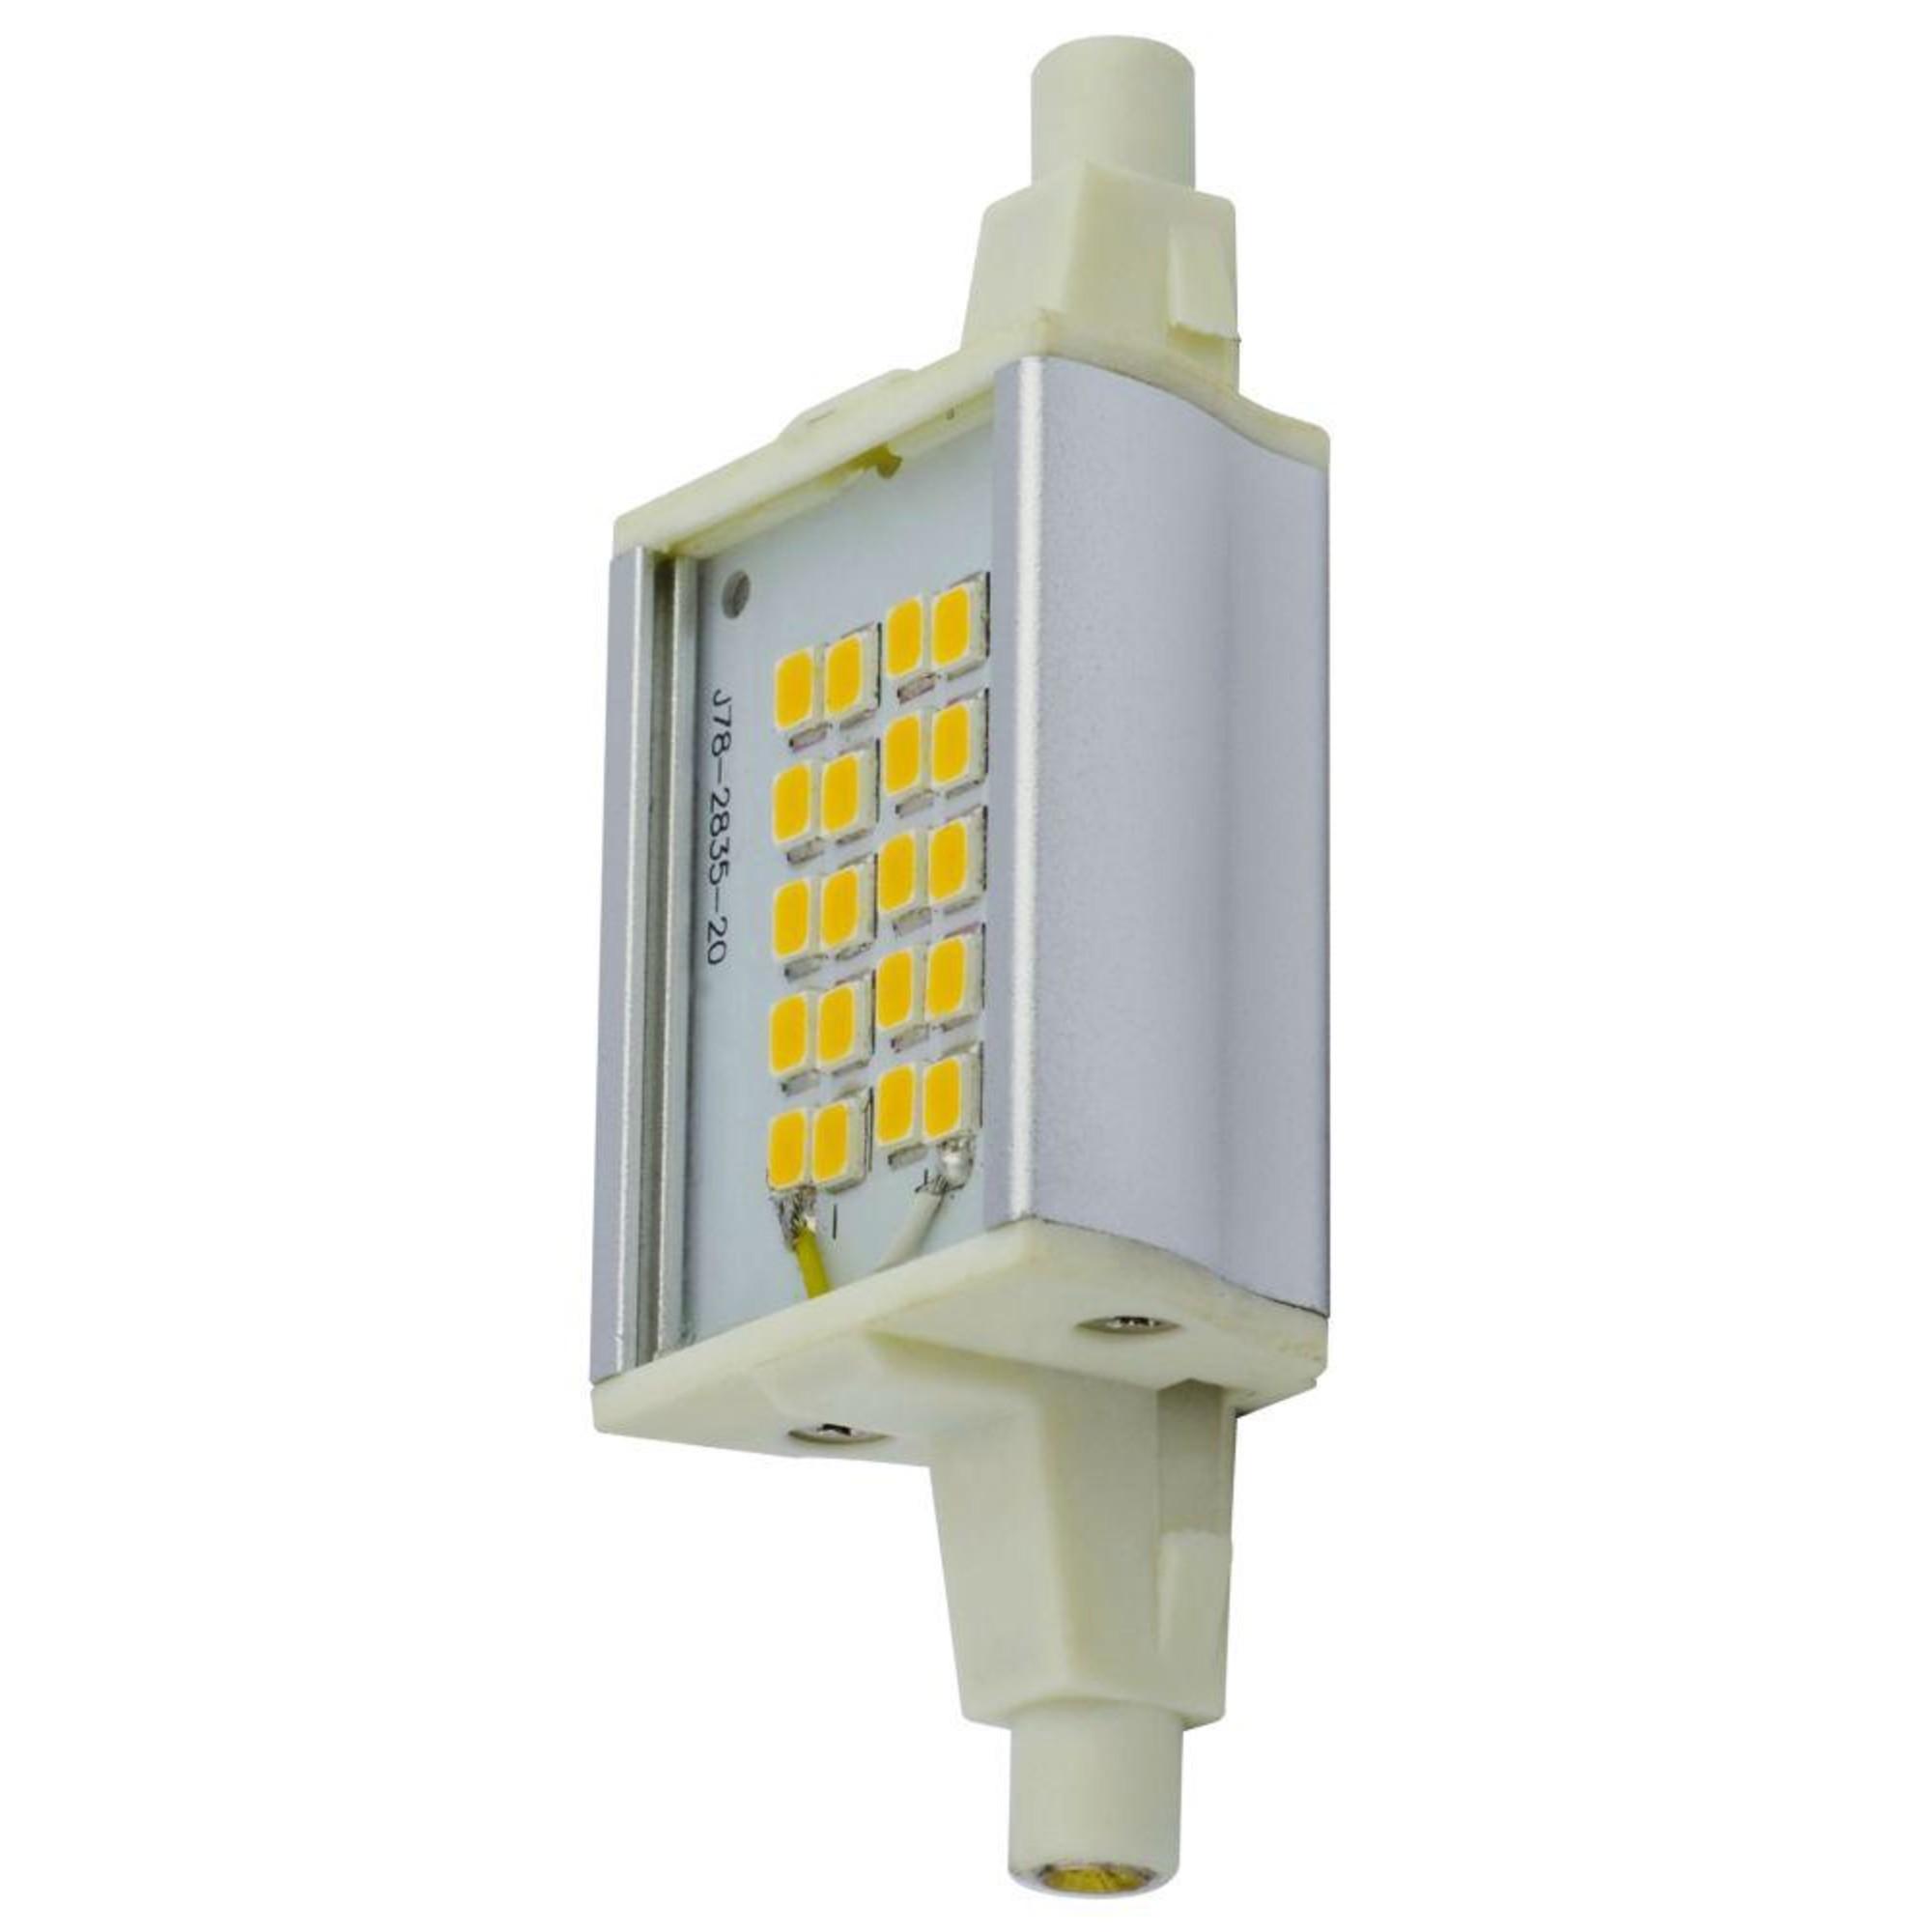 Лампа Ecola стандарт светодионая RS7 4.50 Вт 360 Лм нейтральный свет